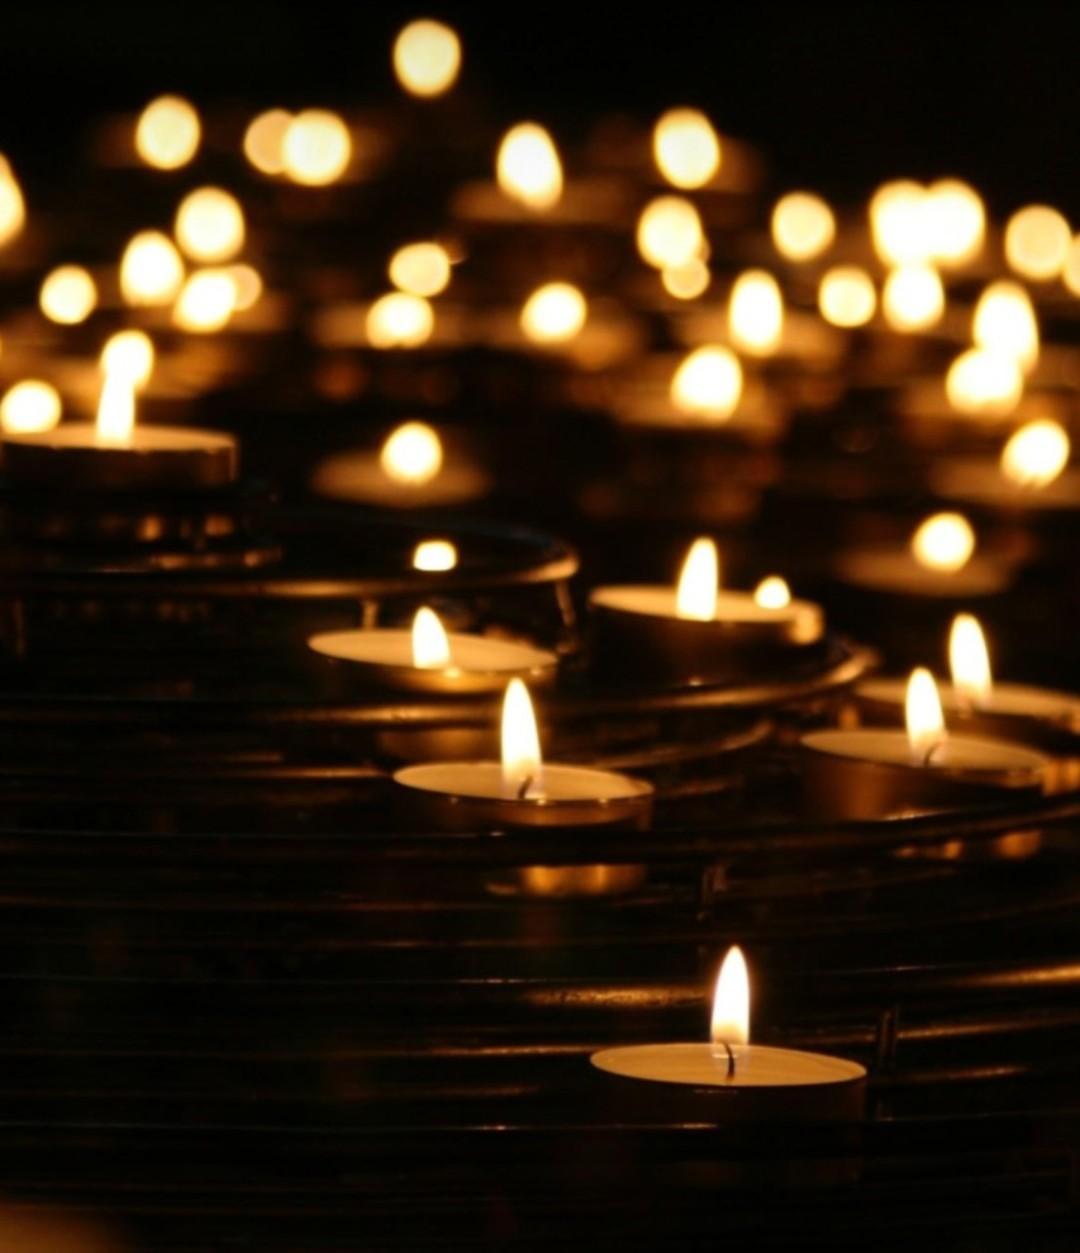 """O CEBI Nacional apoia o """"Ato 500 velas por 500 mil mortes""""! Veja aqui como apoiar e participar do Ato em sua cidade"""